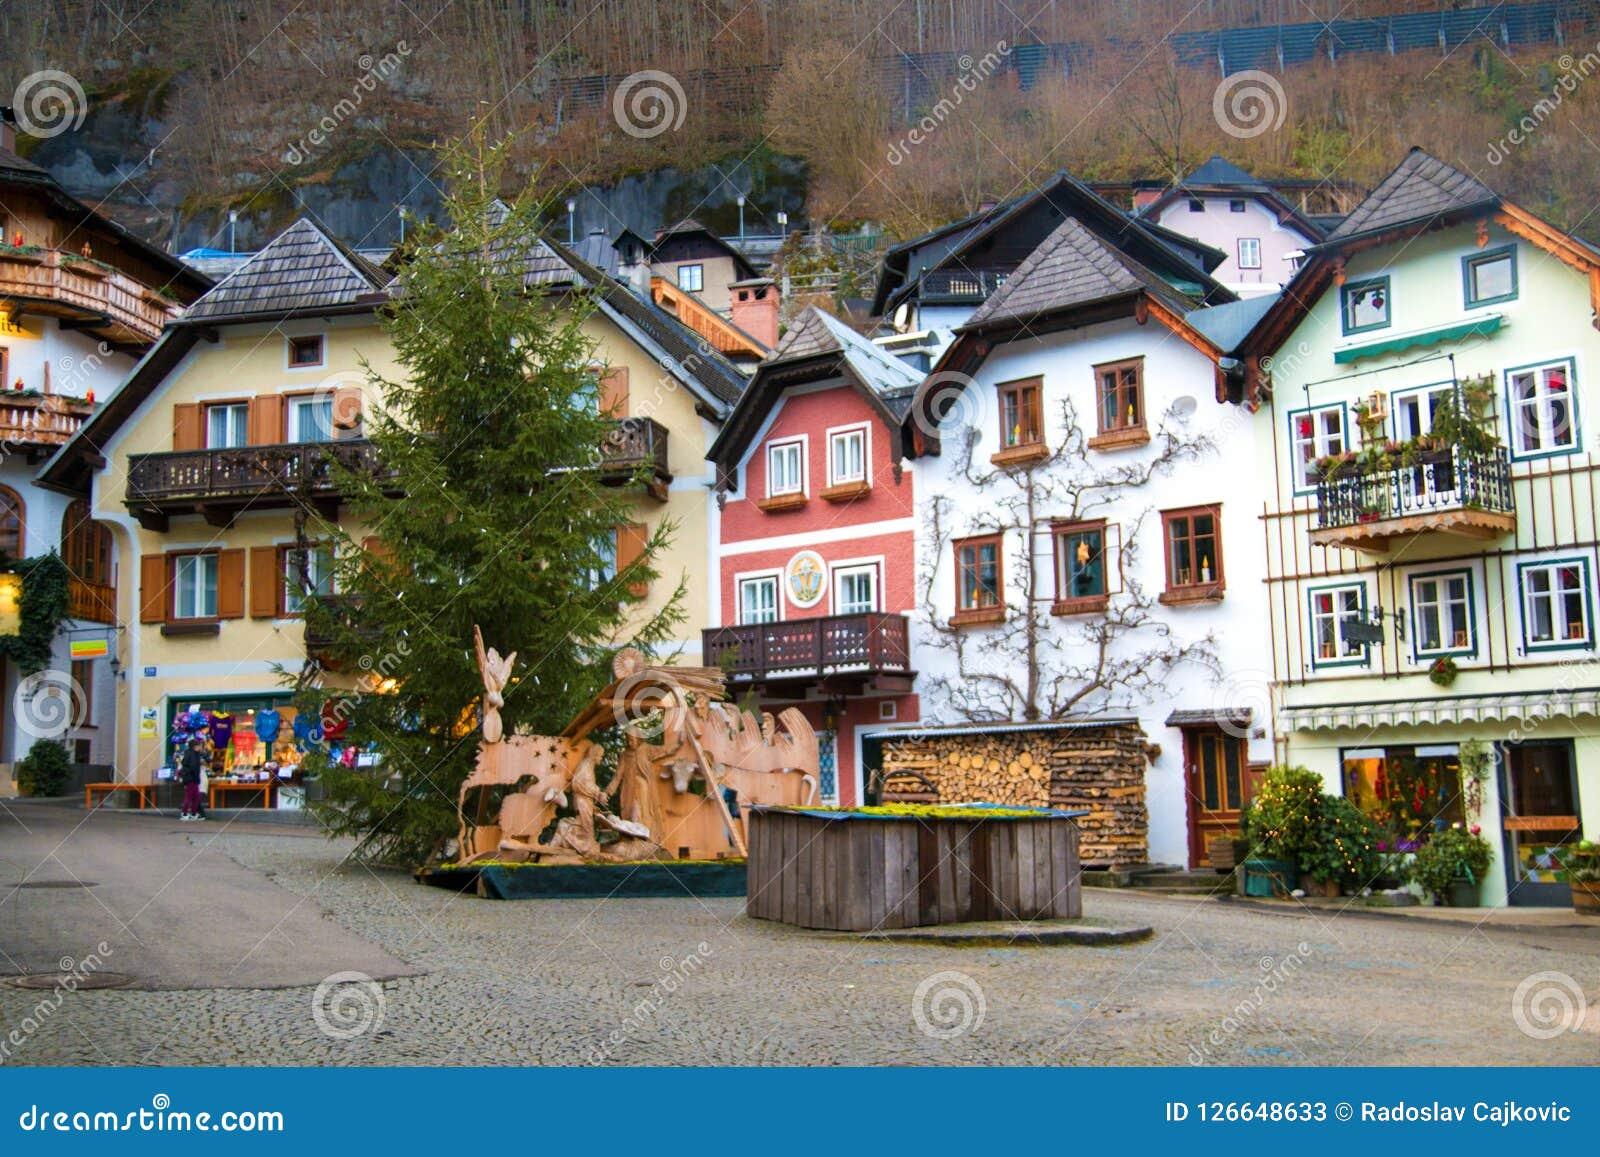 Główny targowy kwadrat z tradycyjnymi domami w sławnej dziedzictwo kulturowe wiosce Hallstatt w Austria, Europa